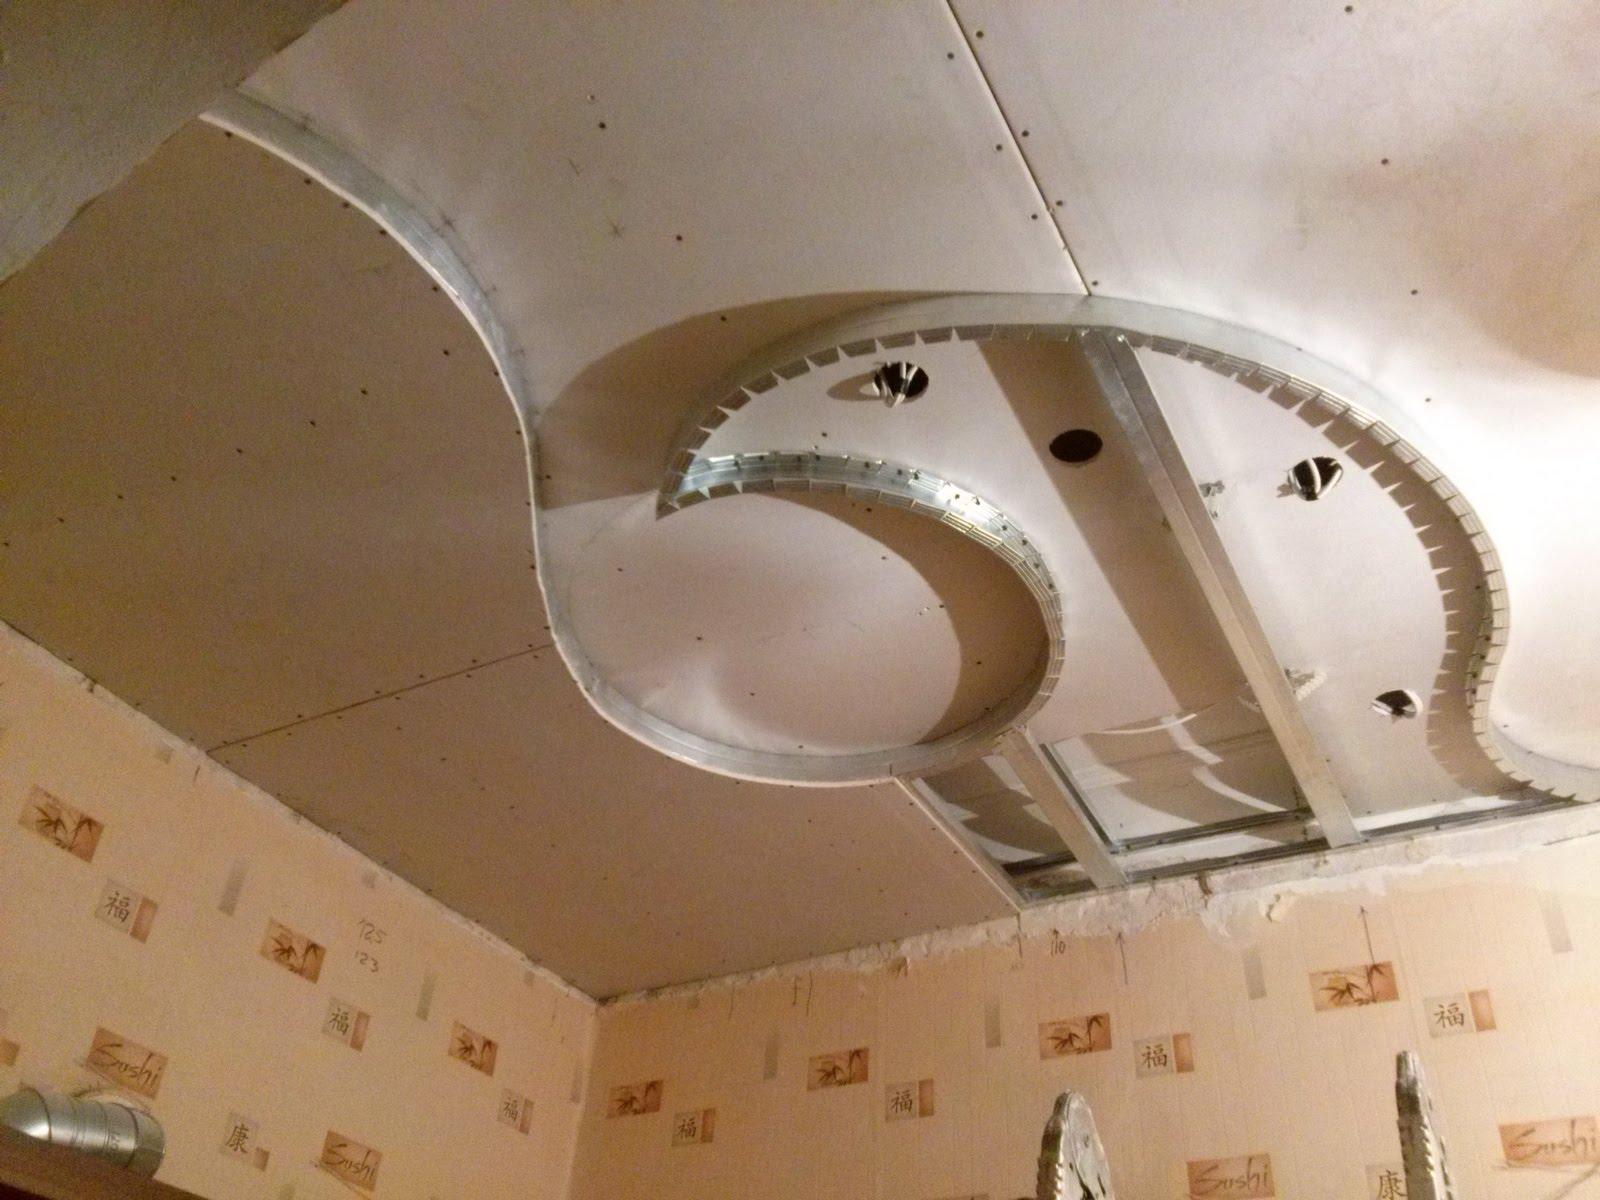 как кривой потолок можно сделать красивым фото статье обсуждается вопрос